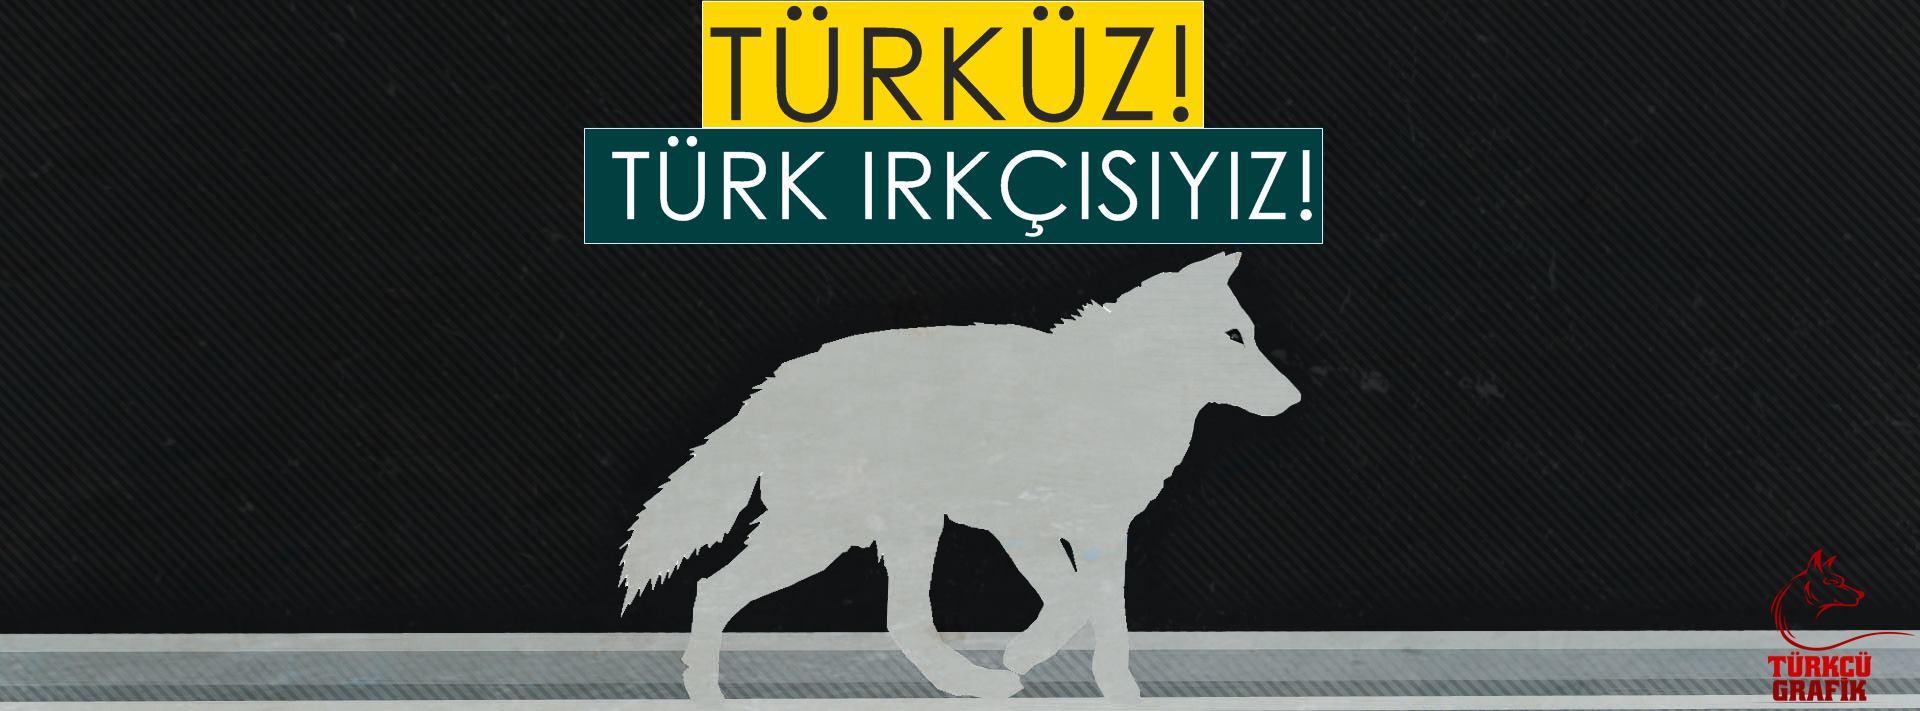 türküz türk ırkçısıyız -kapak